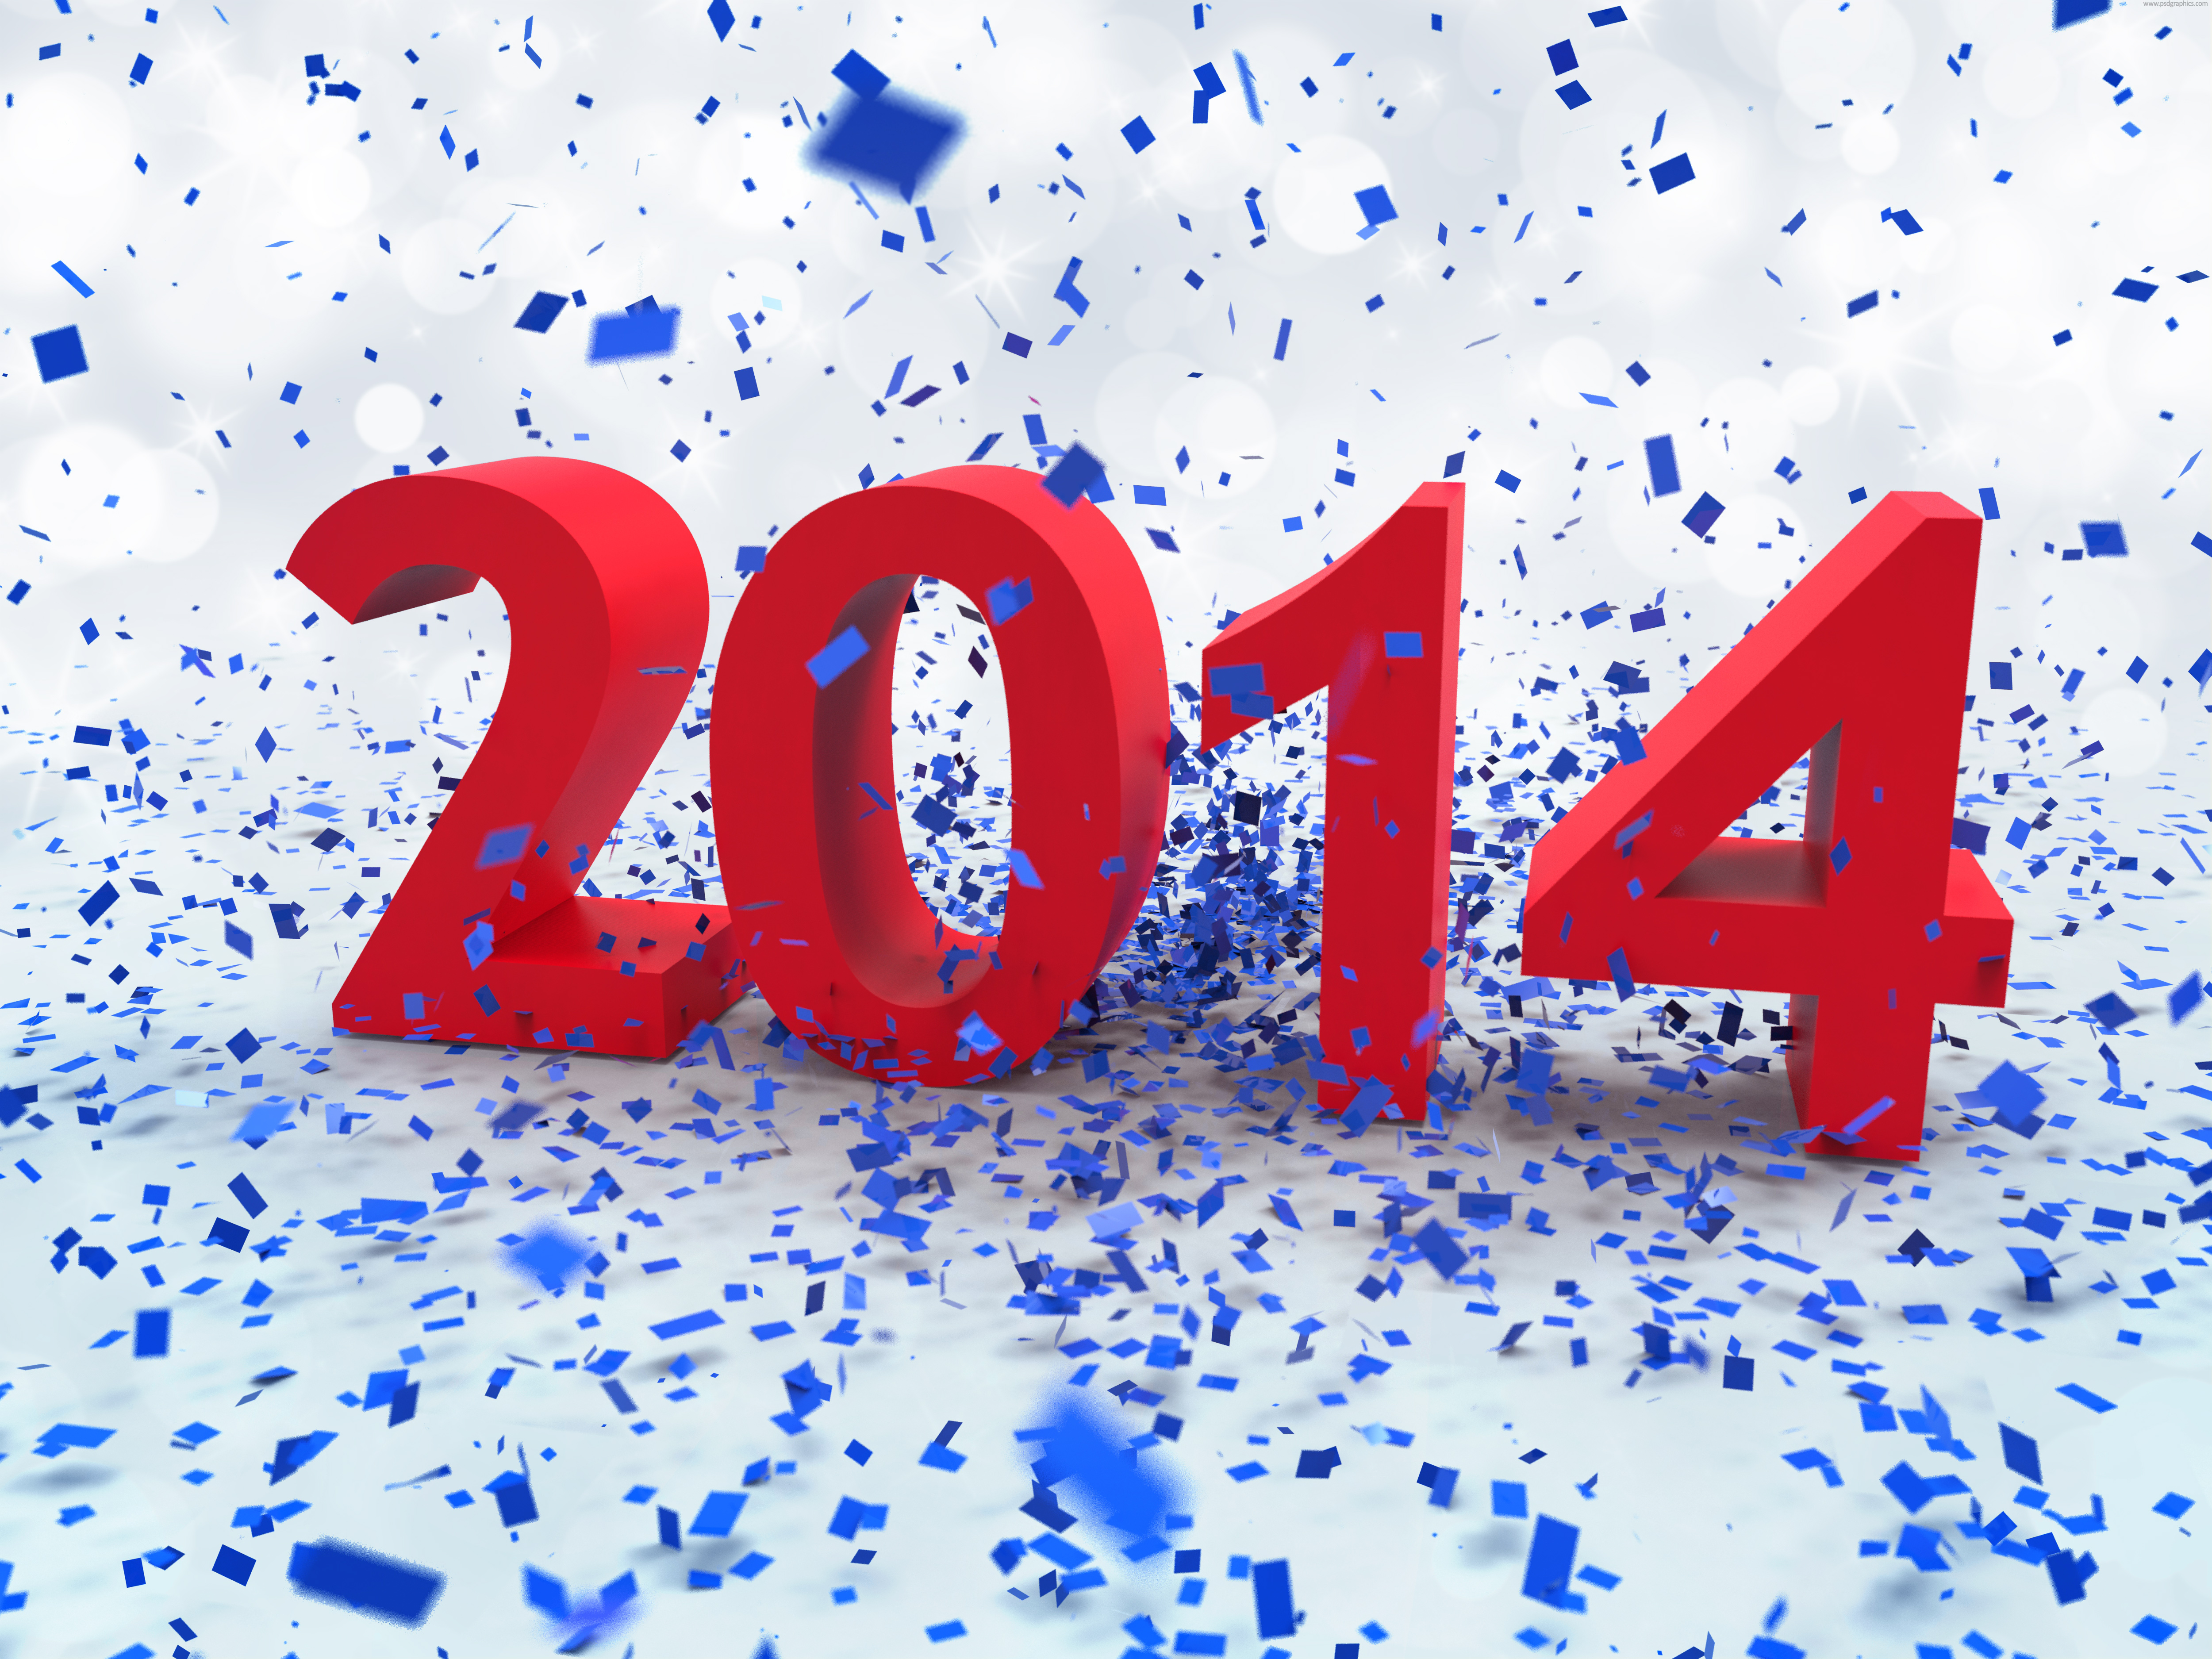 Новый год 2014 в конфетти